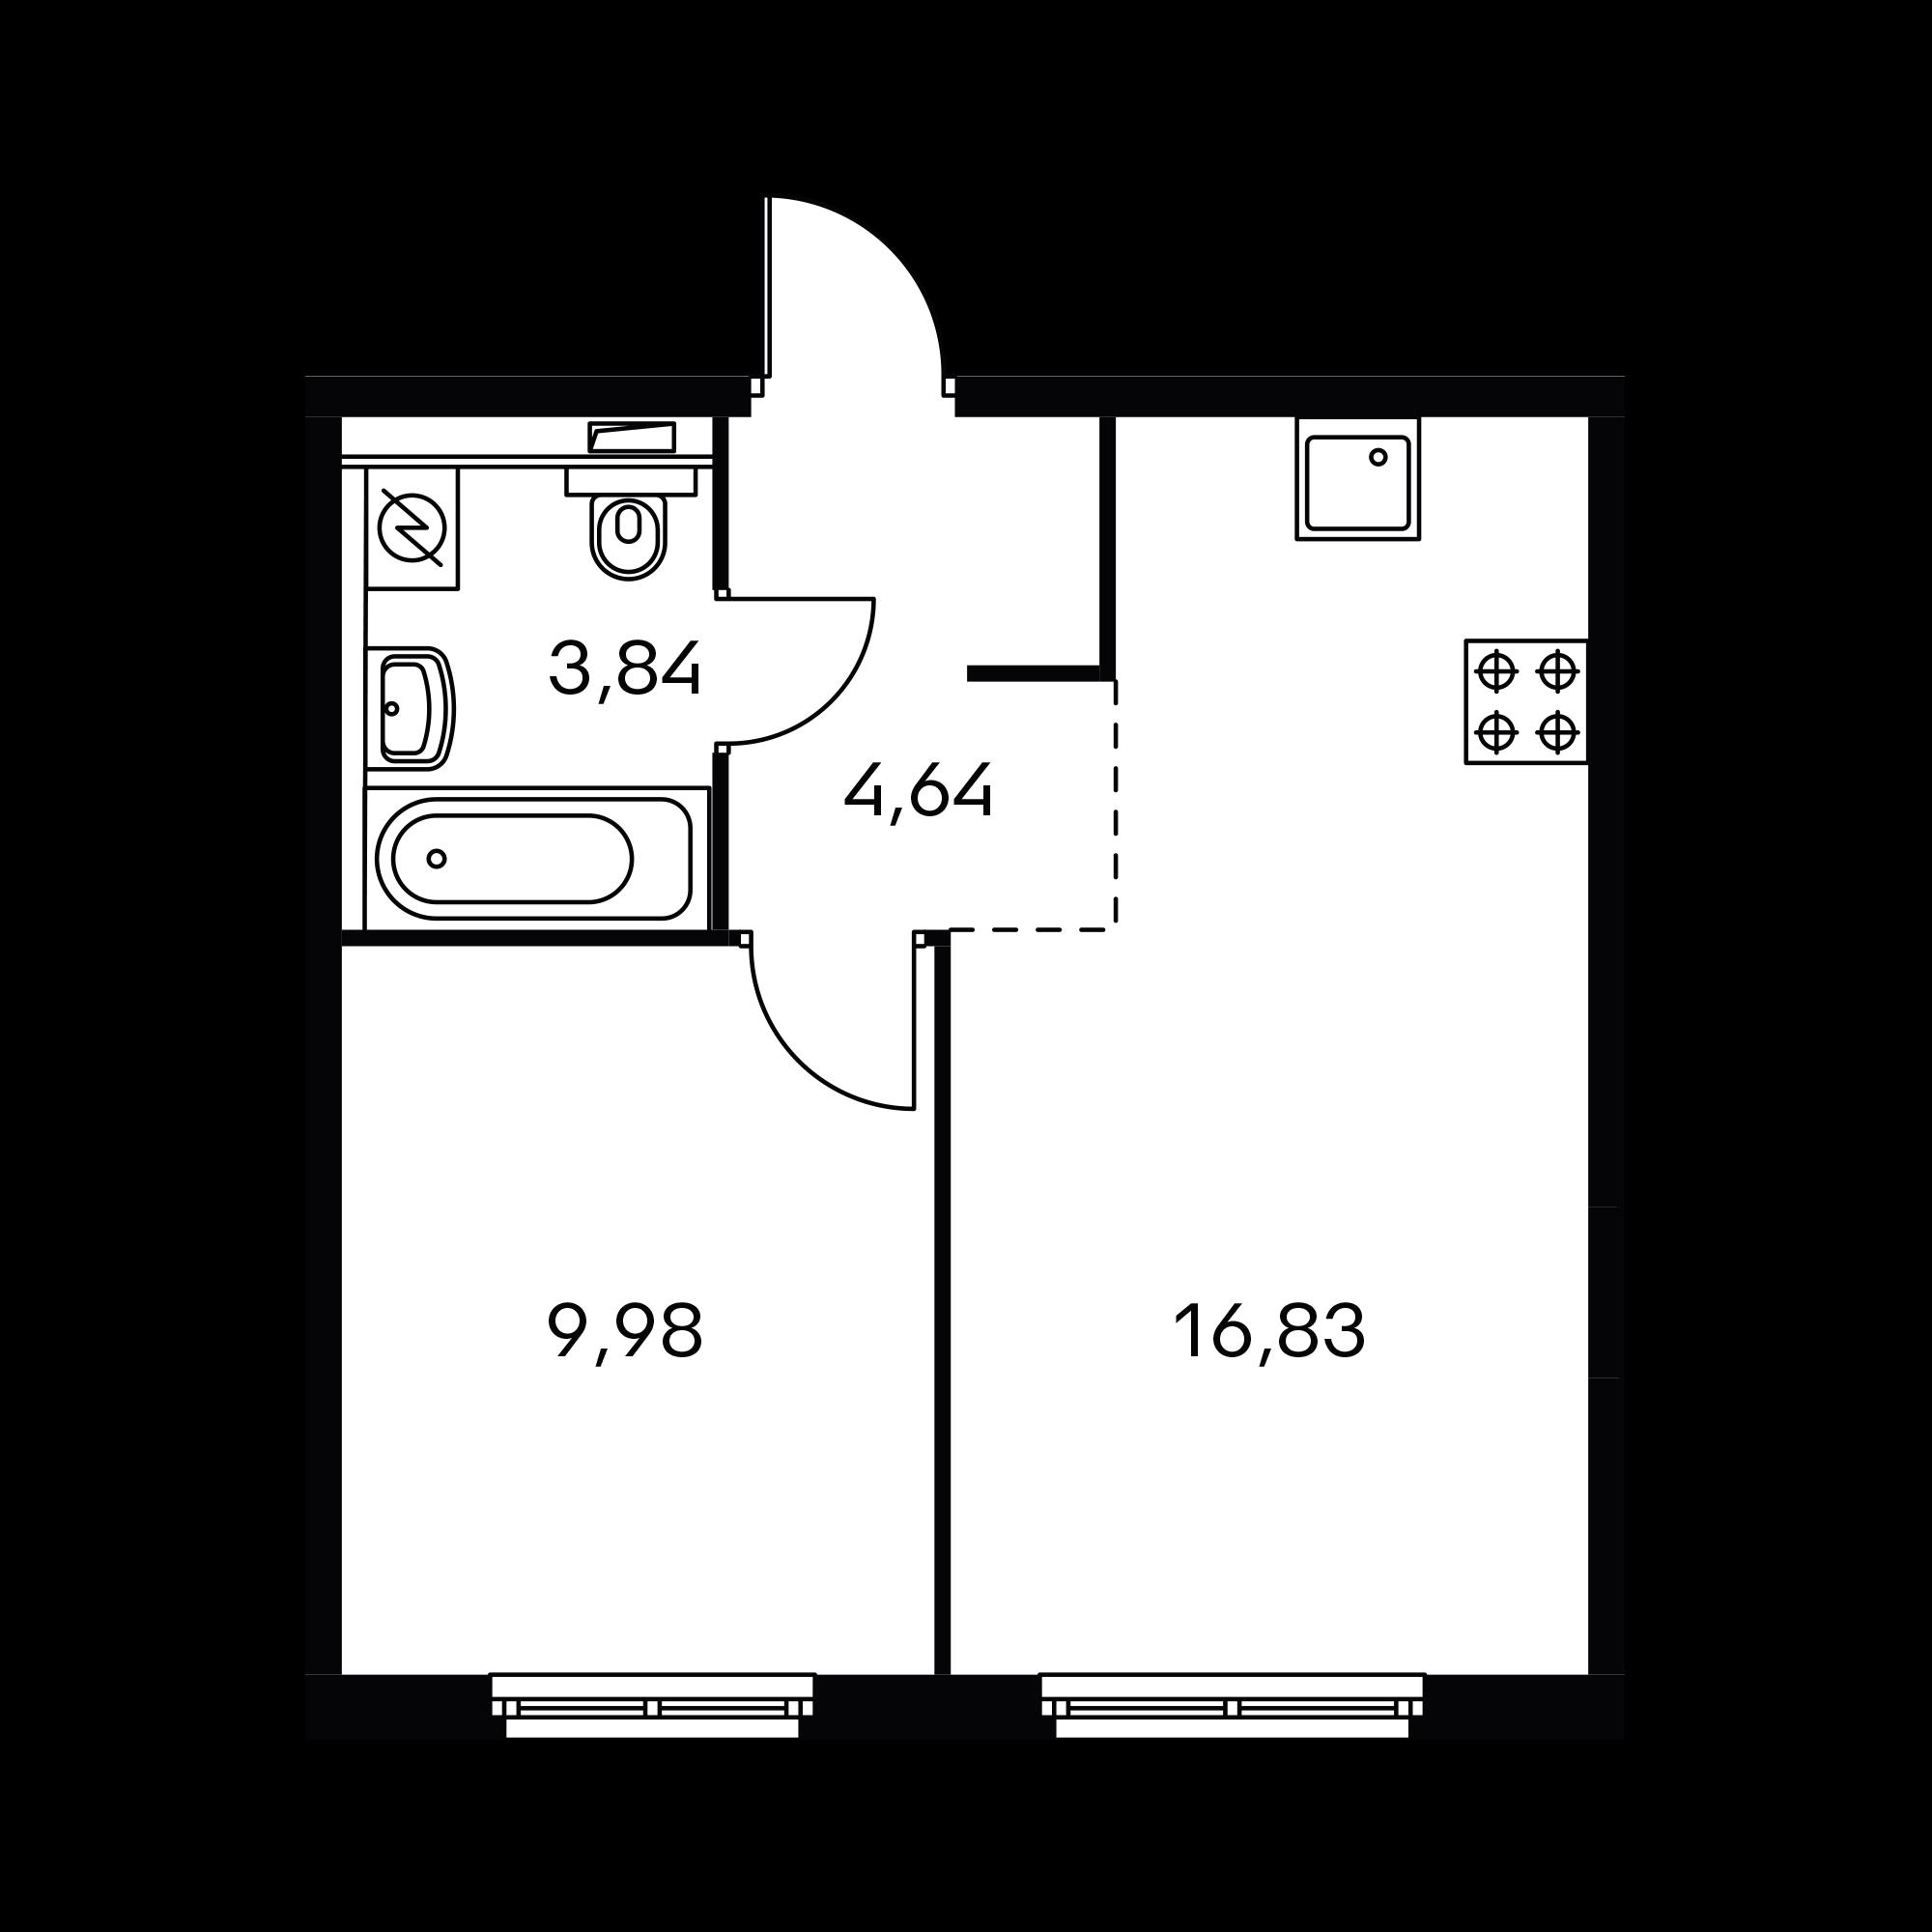 1ES3_6.3-1_S_A4